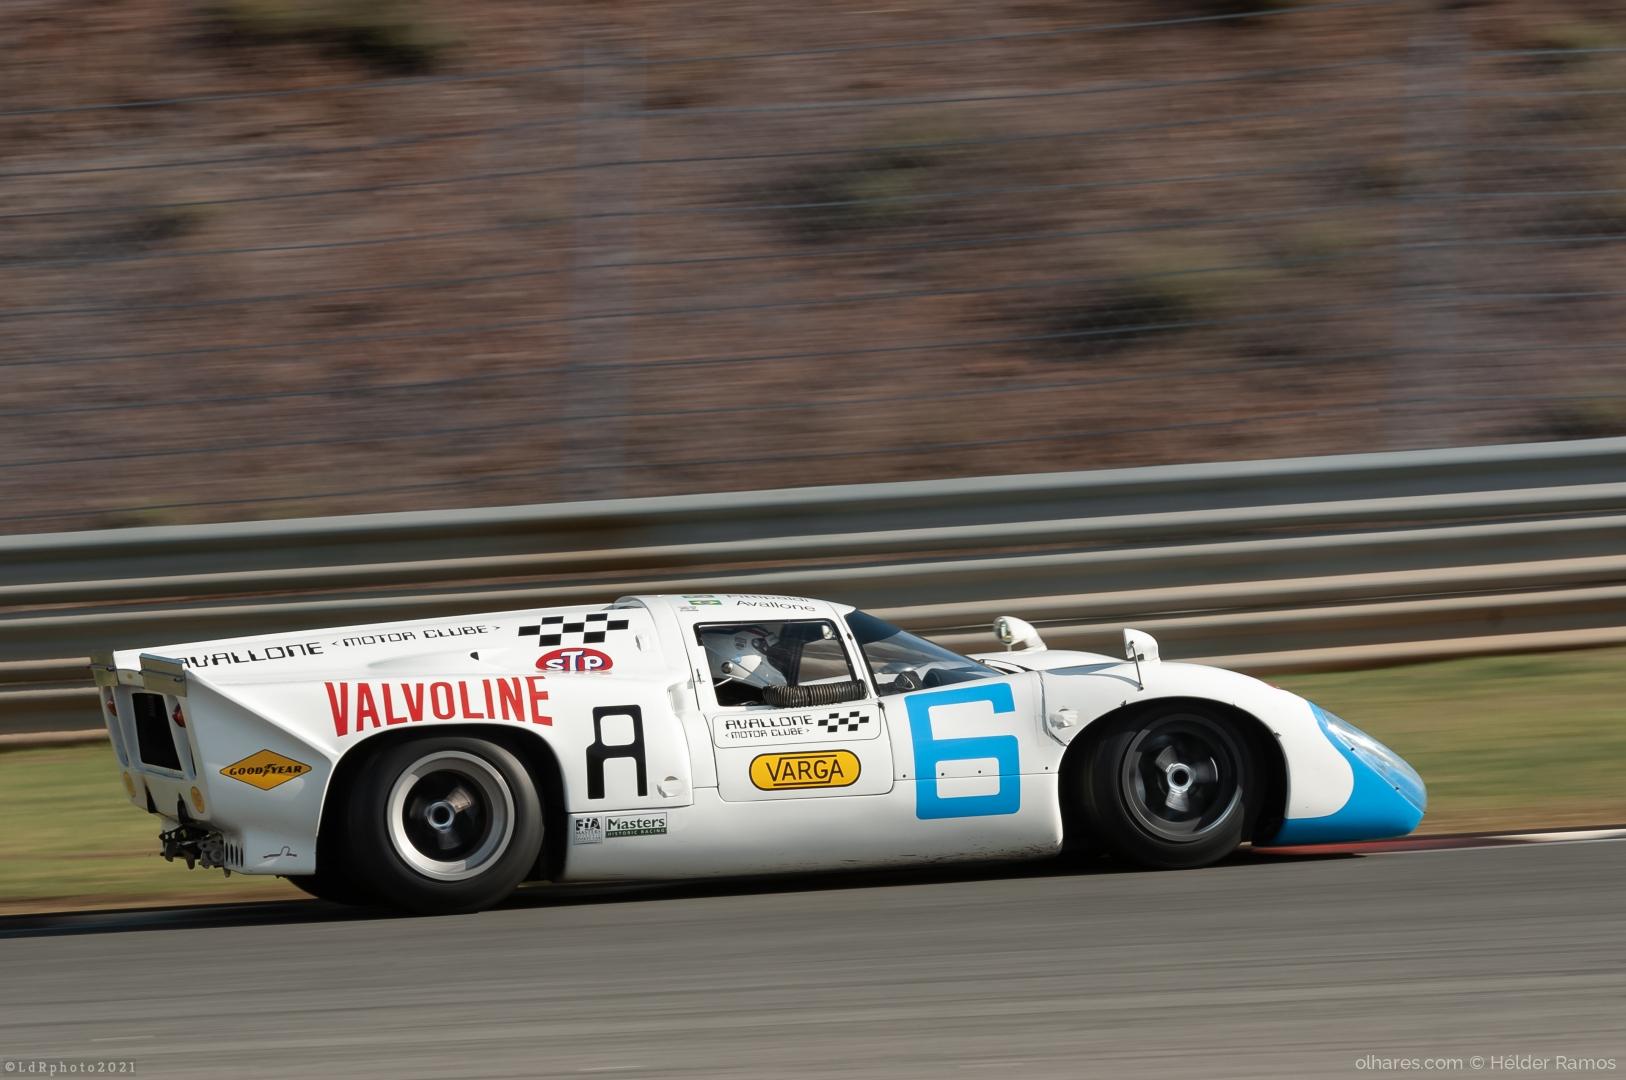 Desporto e Ação/Lola T70 MK3B  Chevrolet V8